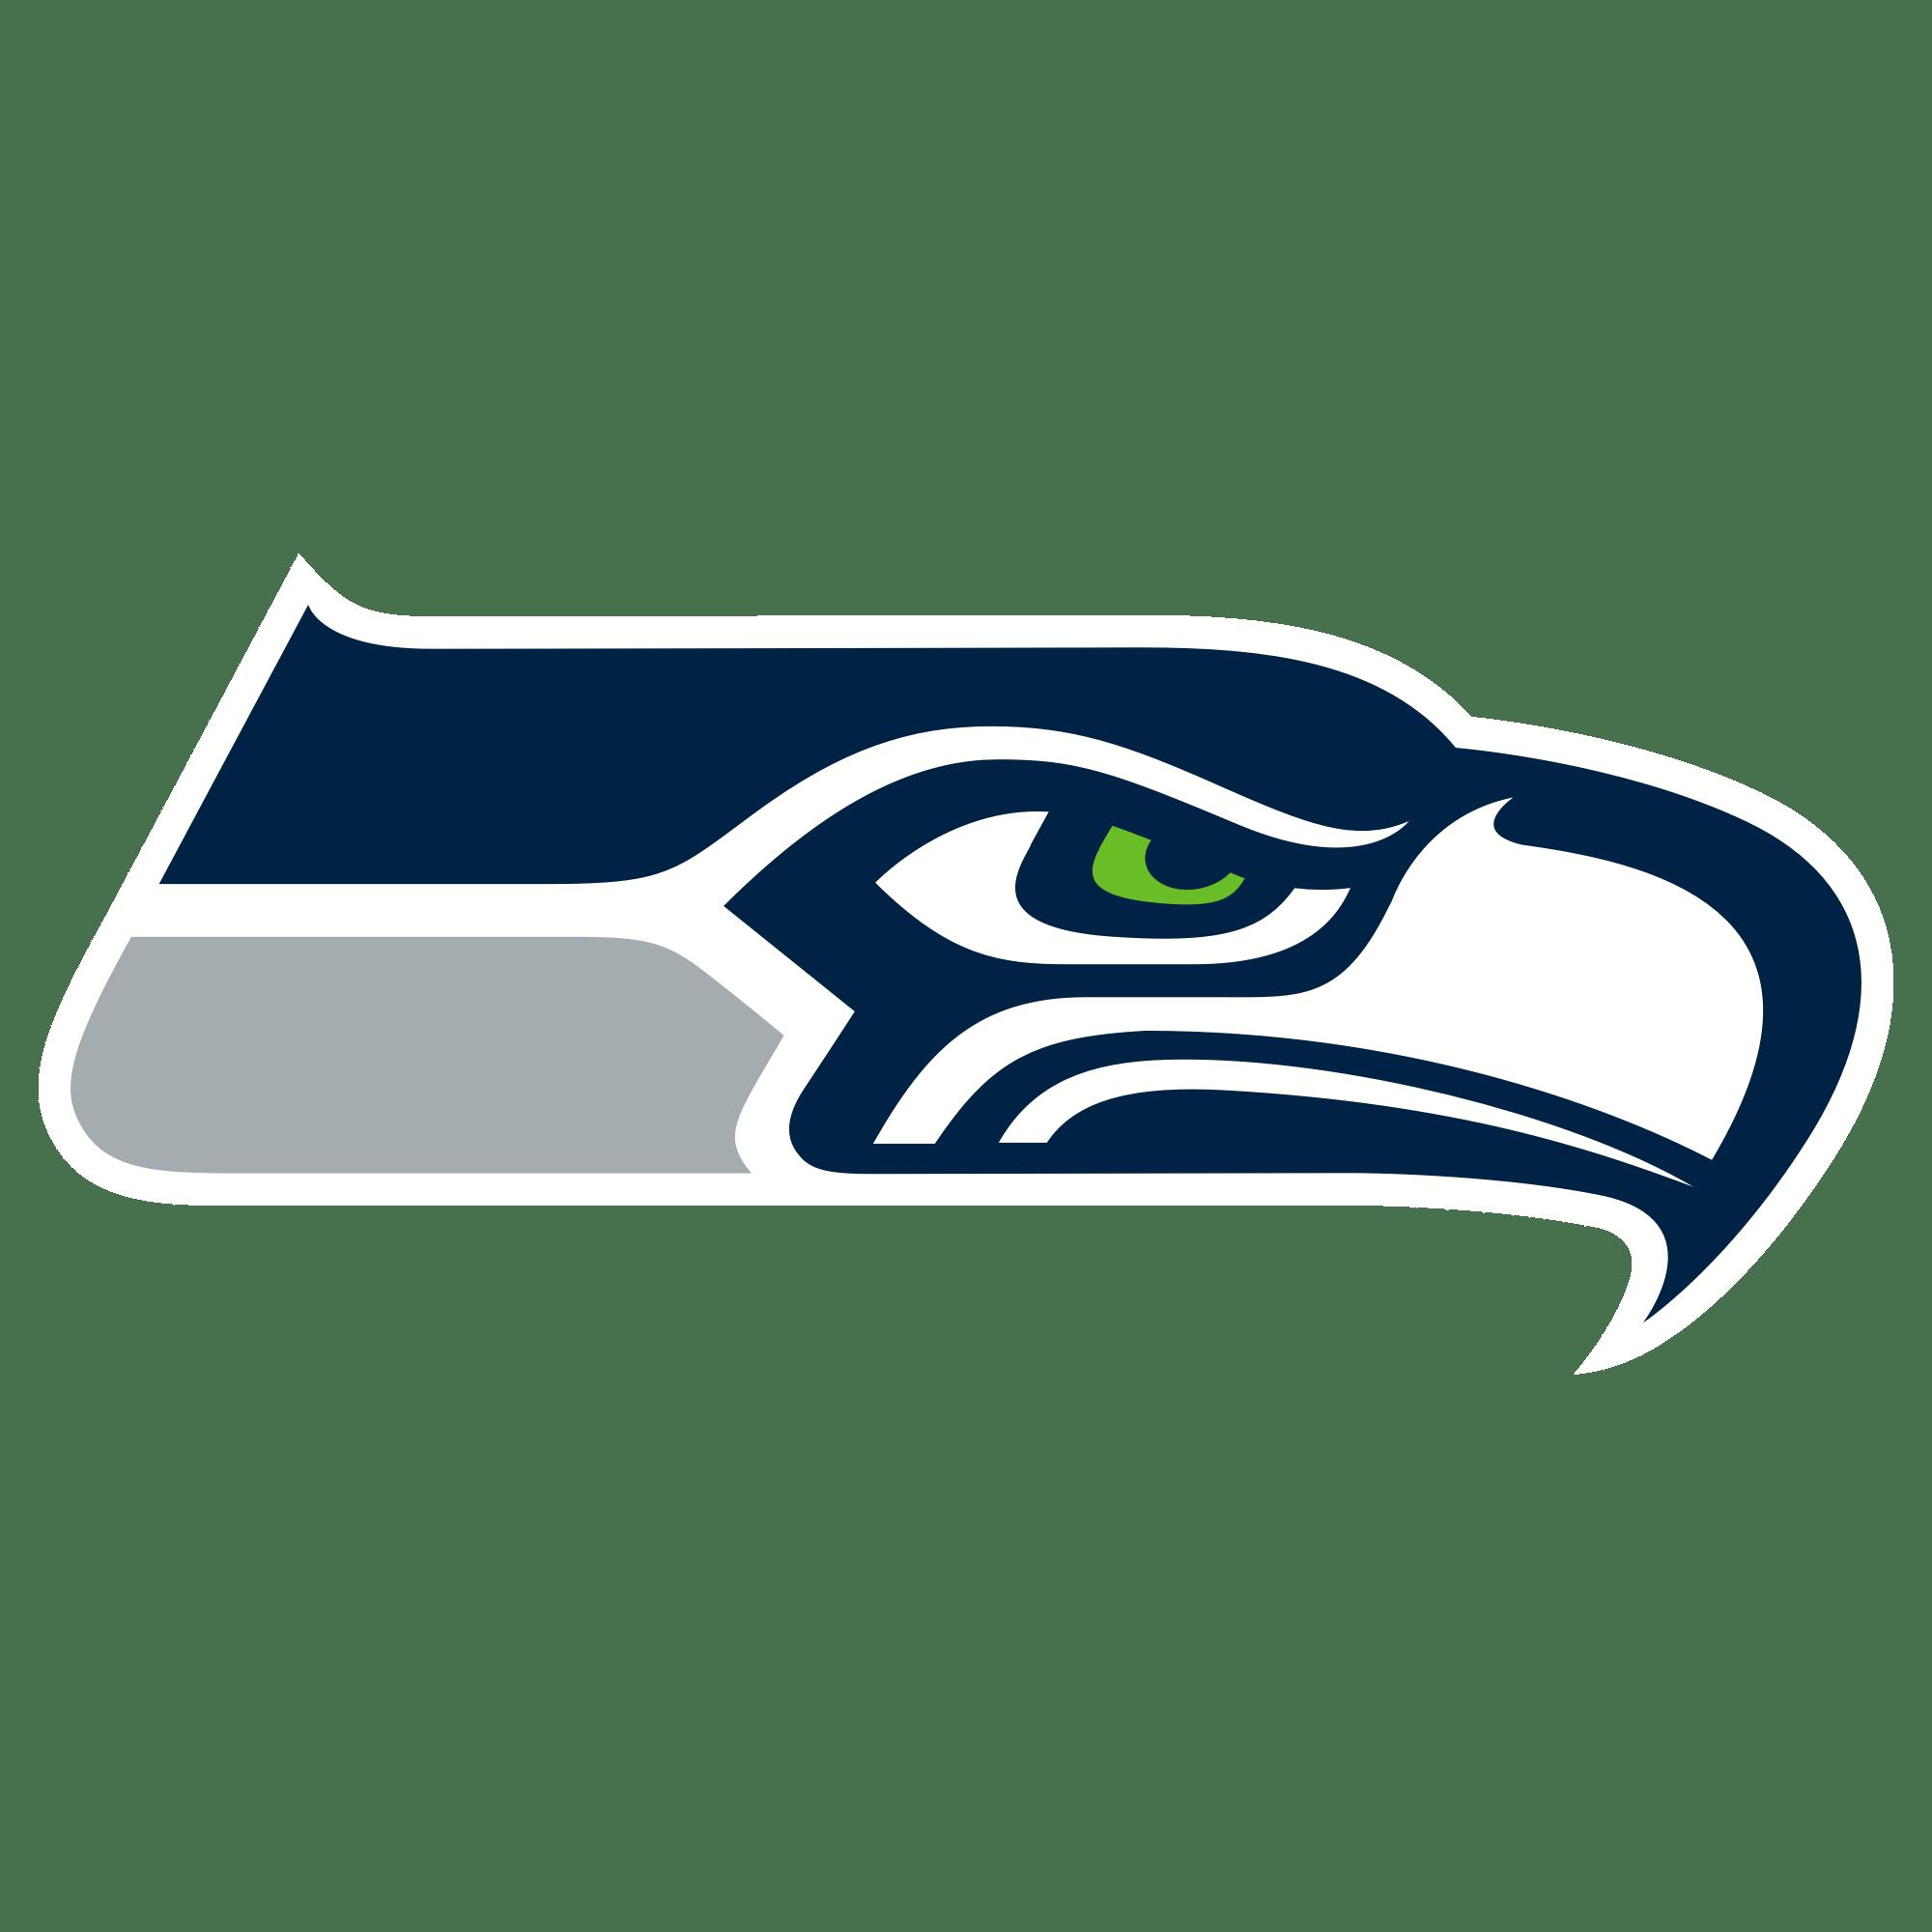 www.seahawks.com